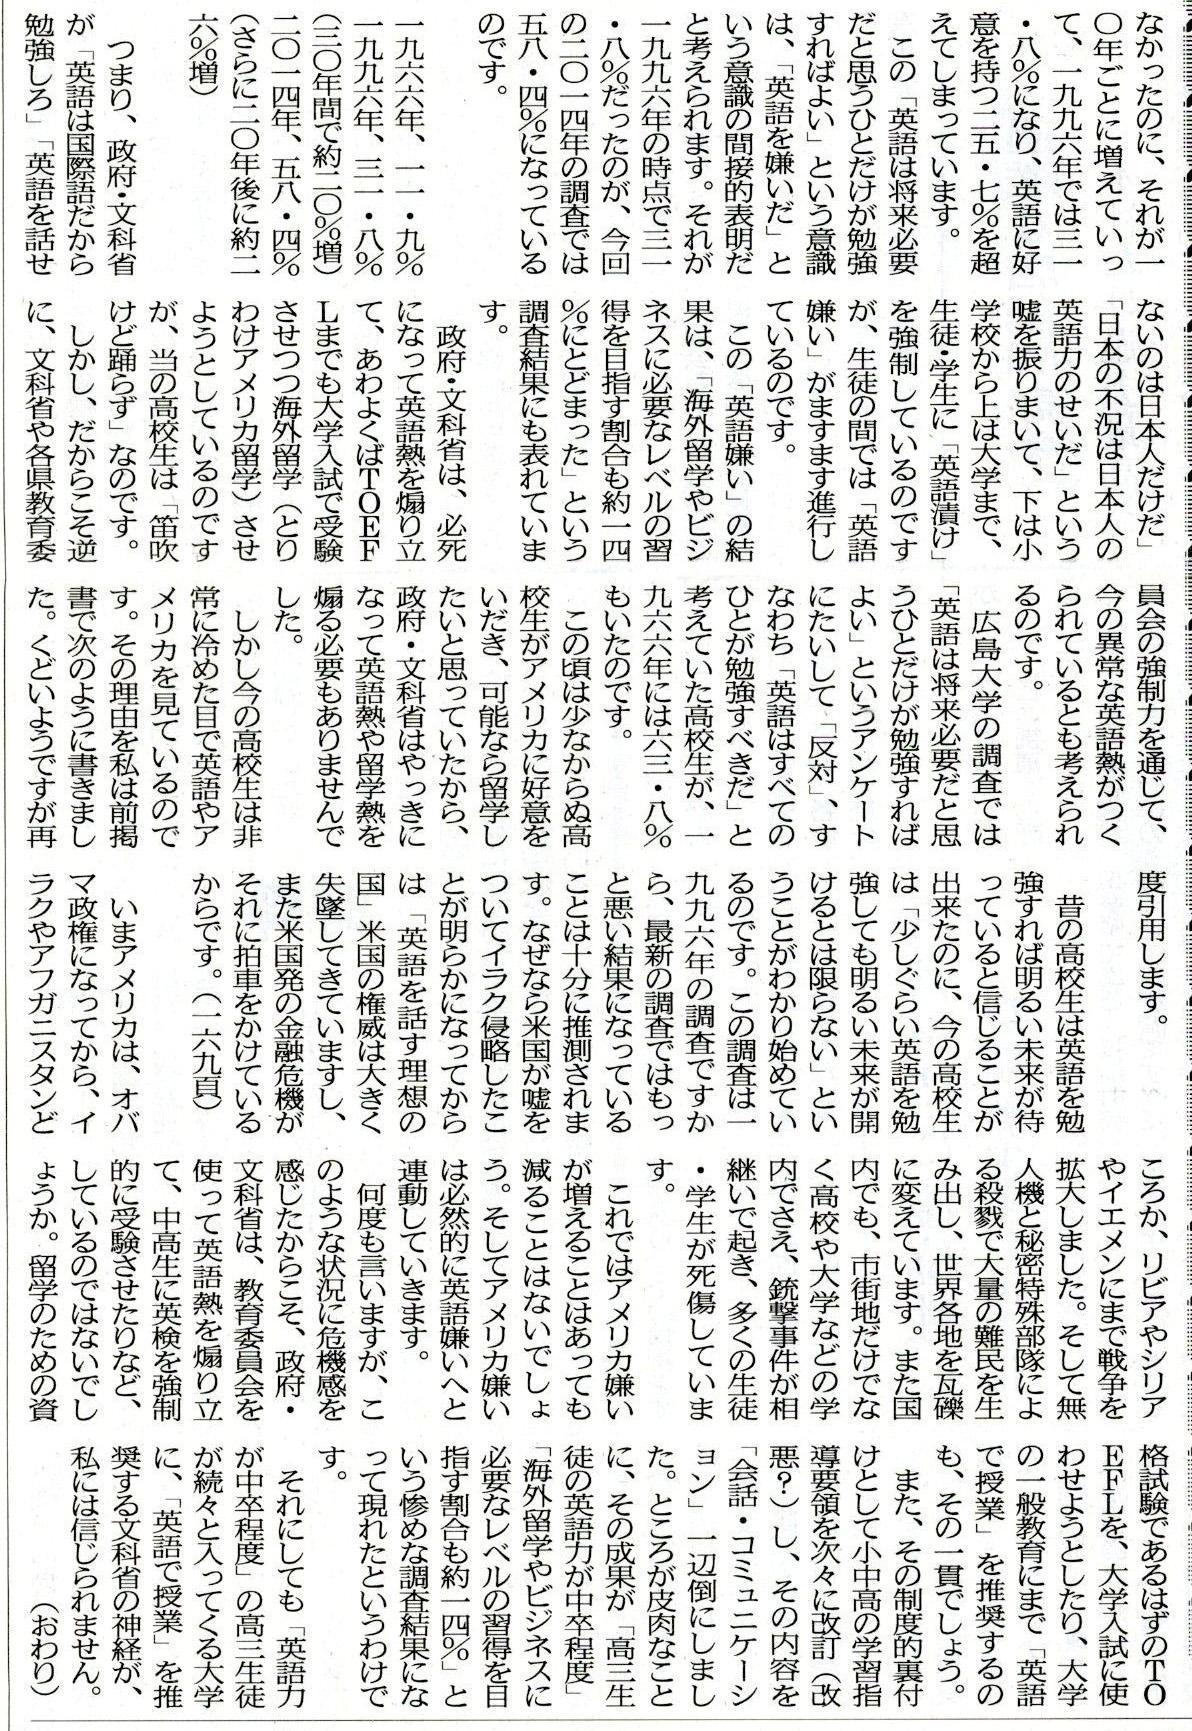 長周新聞 文科省批判2(サイズ小)左